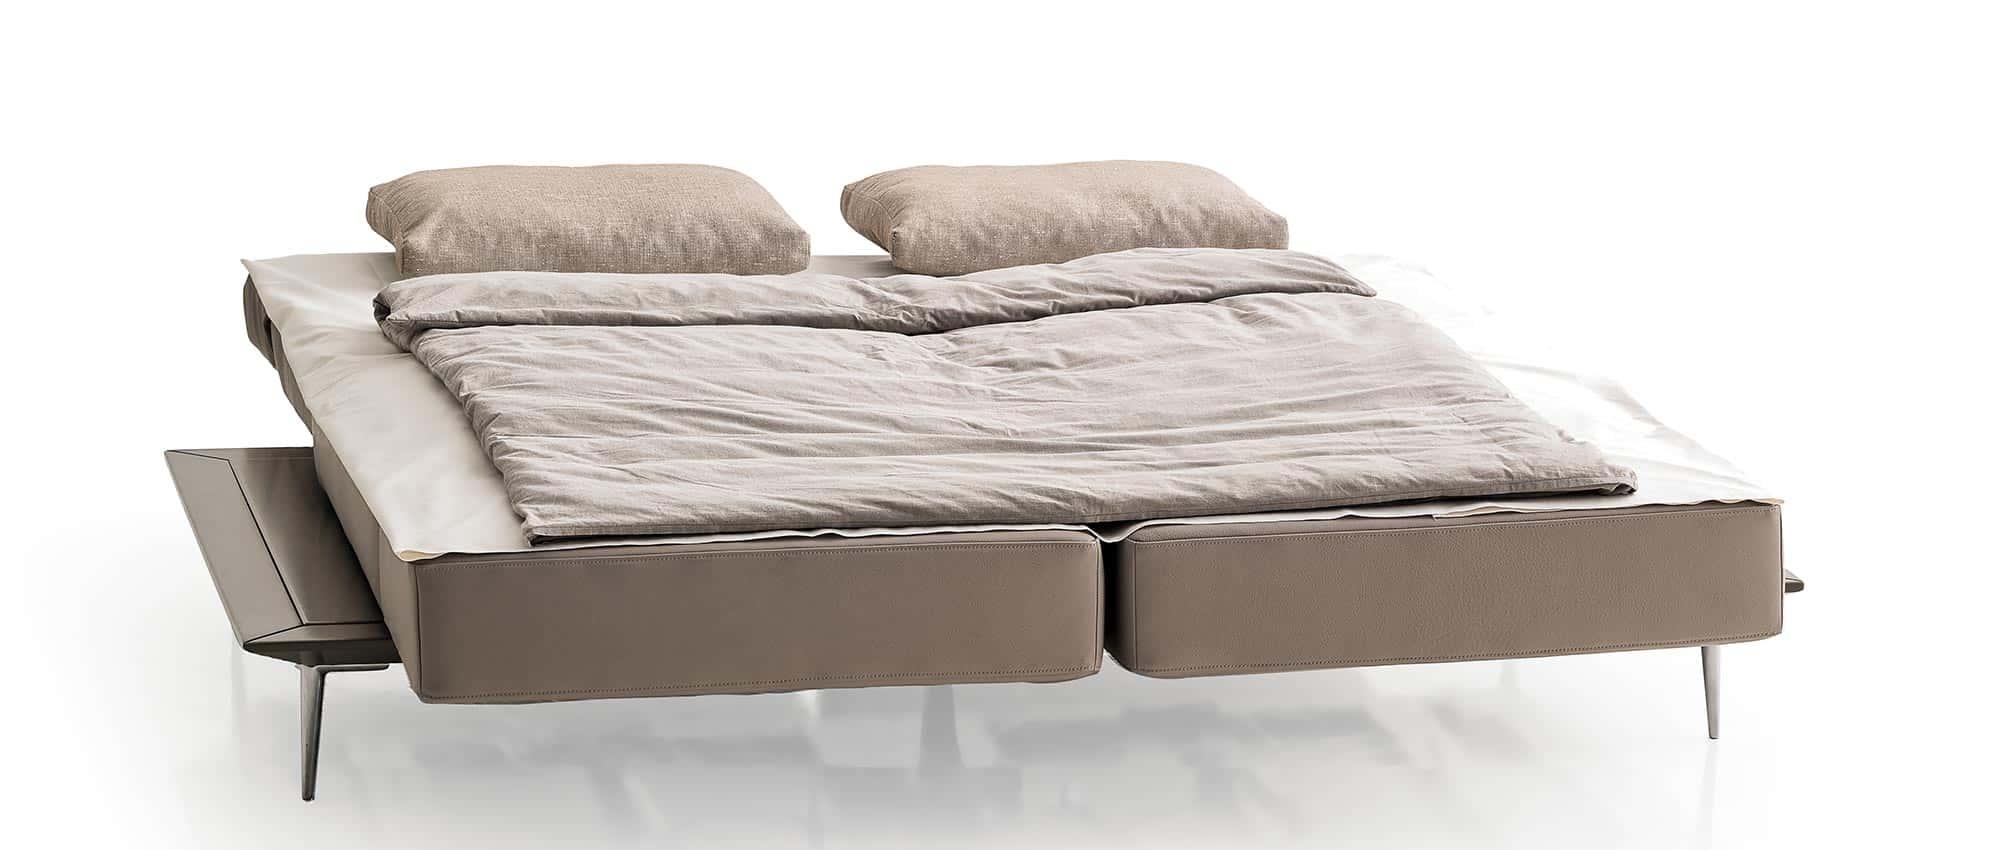 MILAN Schlafsofa von Franz Fertig - Liegefläche ca. 160x200 cm. Klappbare Rückenlehne. Schwenkbare Sitzelemente.